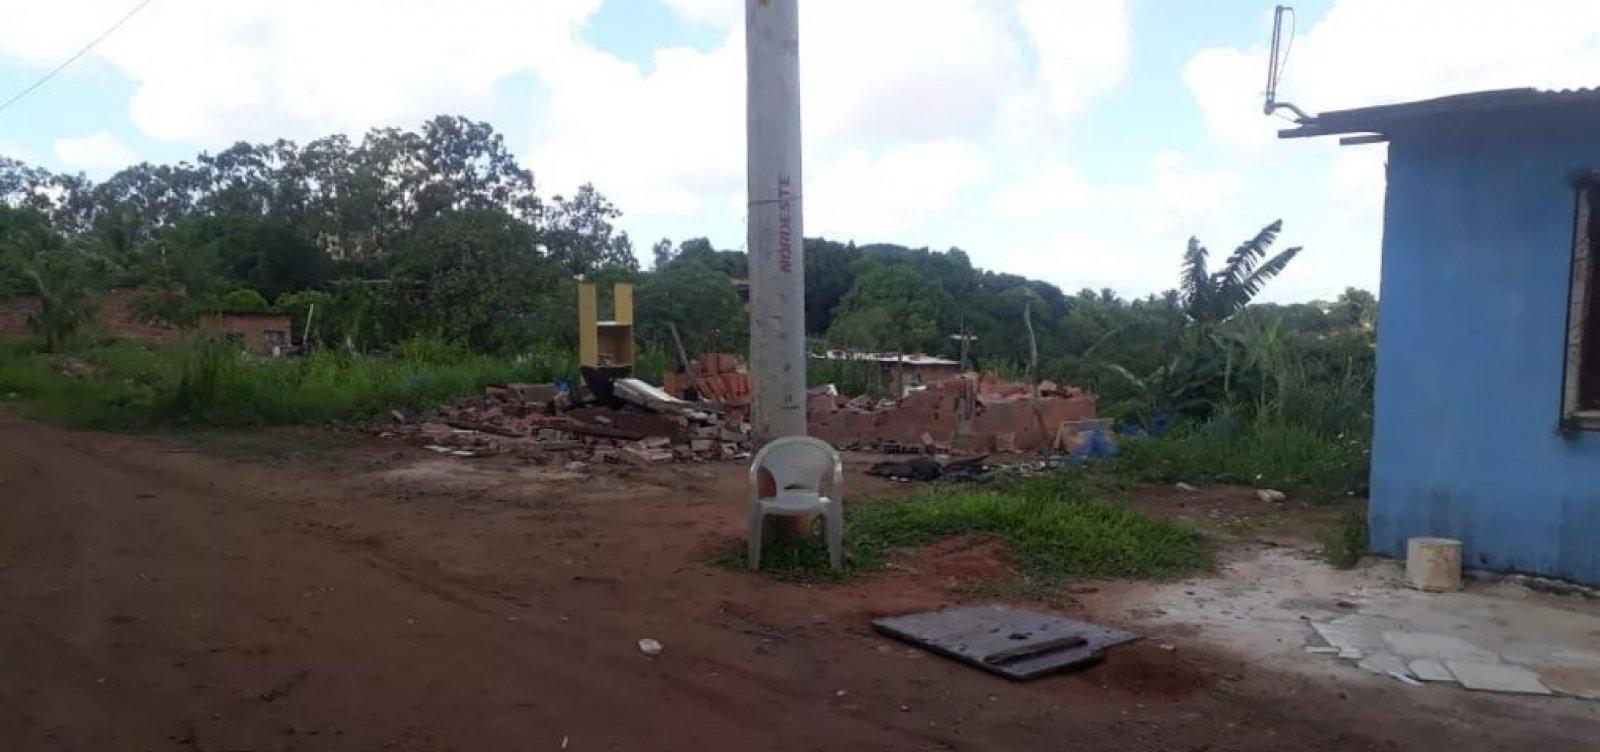 Mais de 30 barracos são derrubados em área de proteção ambiental de Salvador